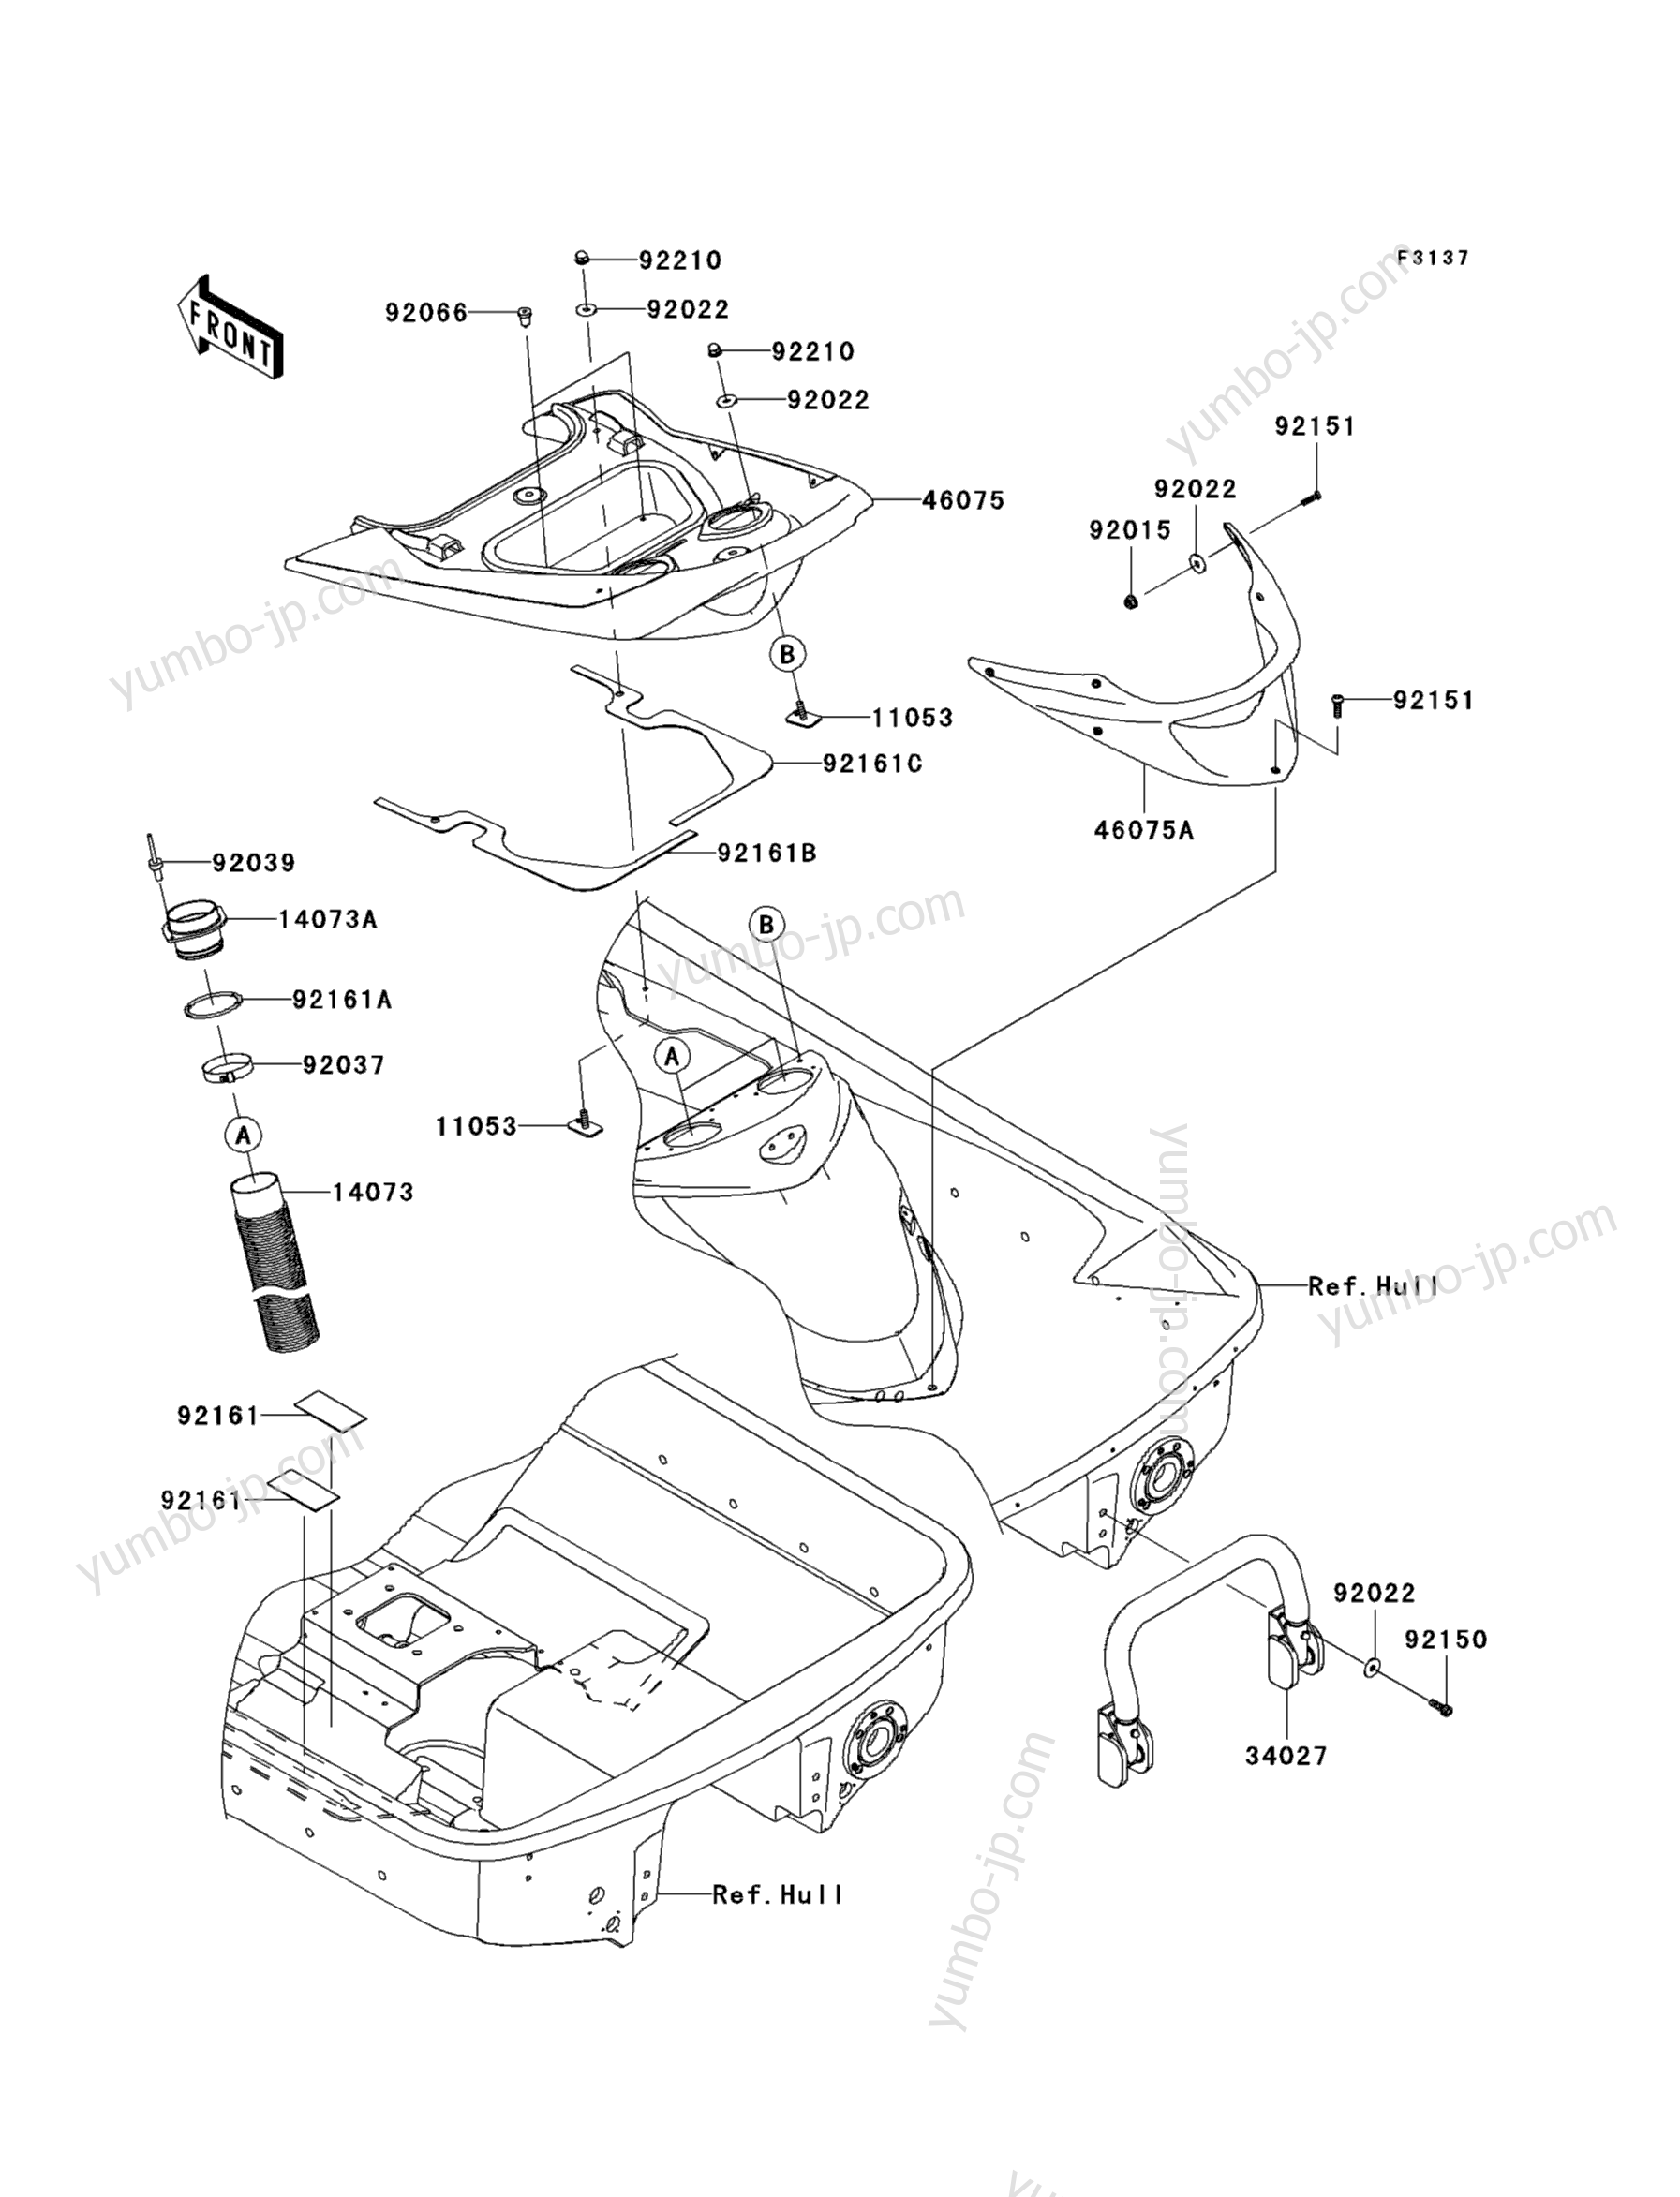 Hull Rear Fittings для гидроциклов KAWASAKI JET SKI ULTRA 260LX (JT1500F9F) 2009 г.